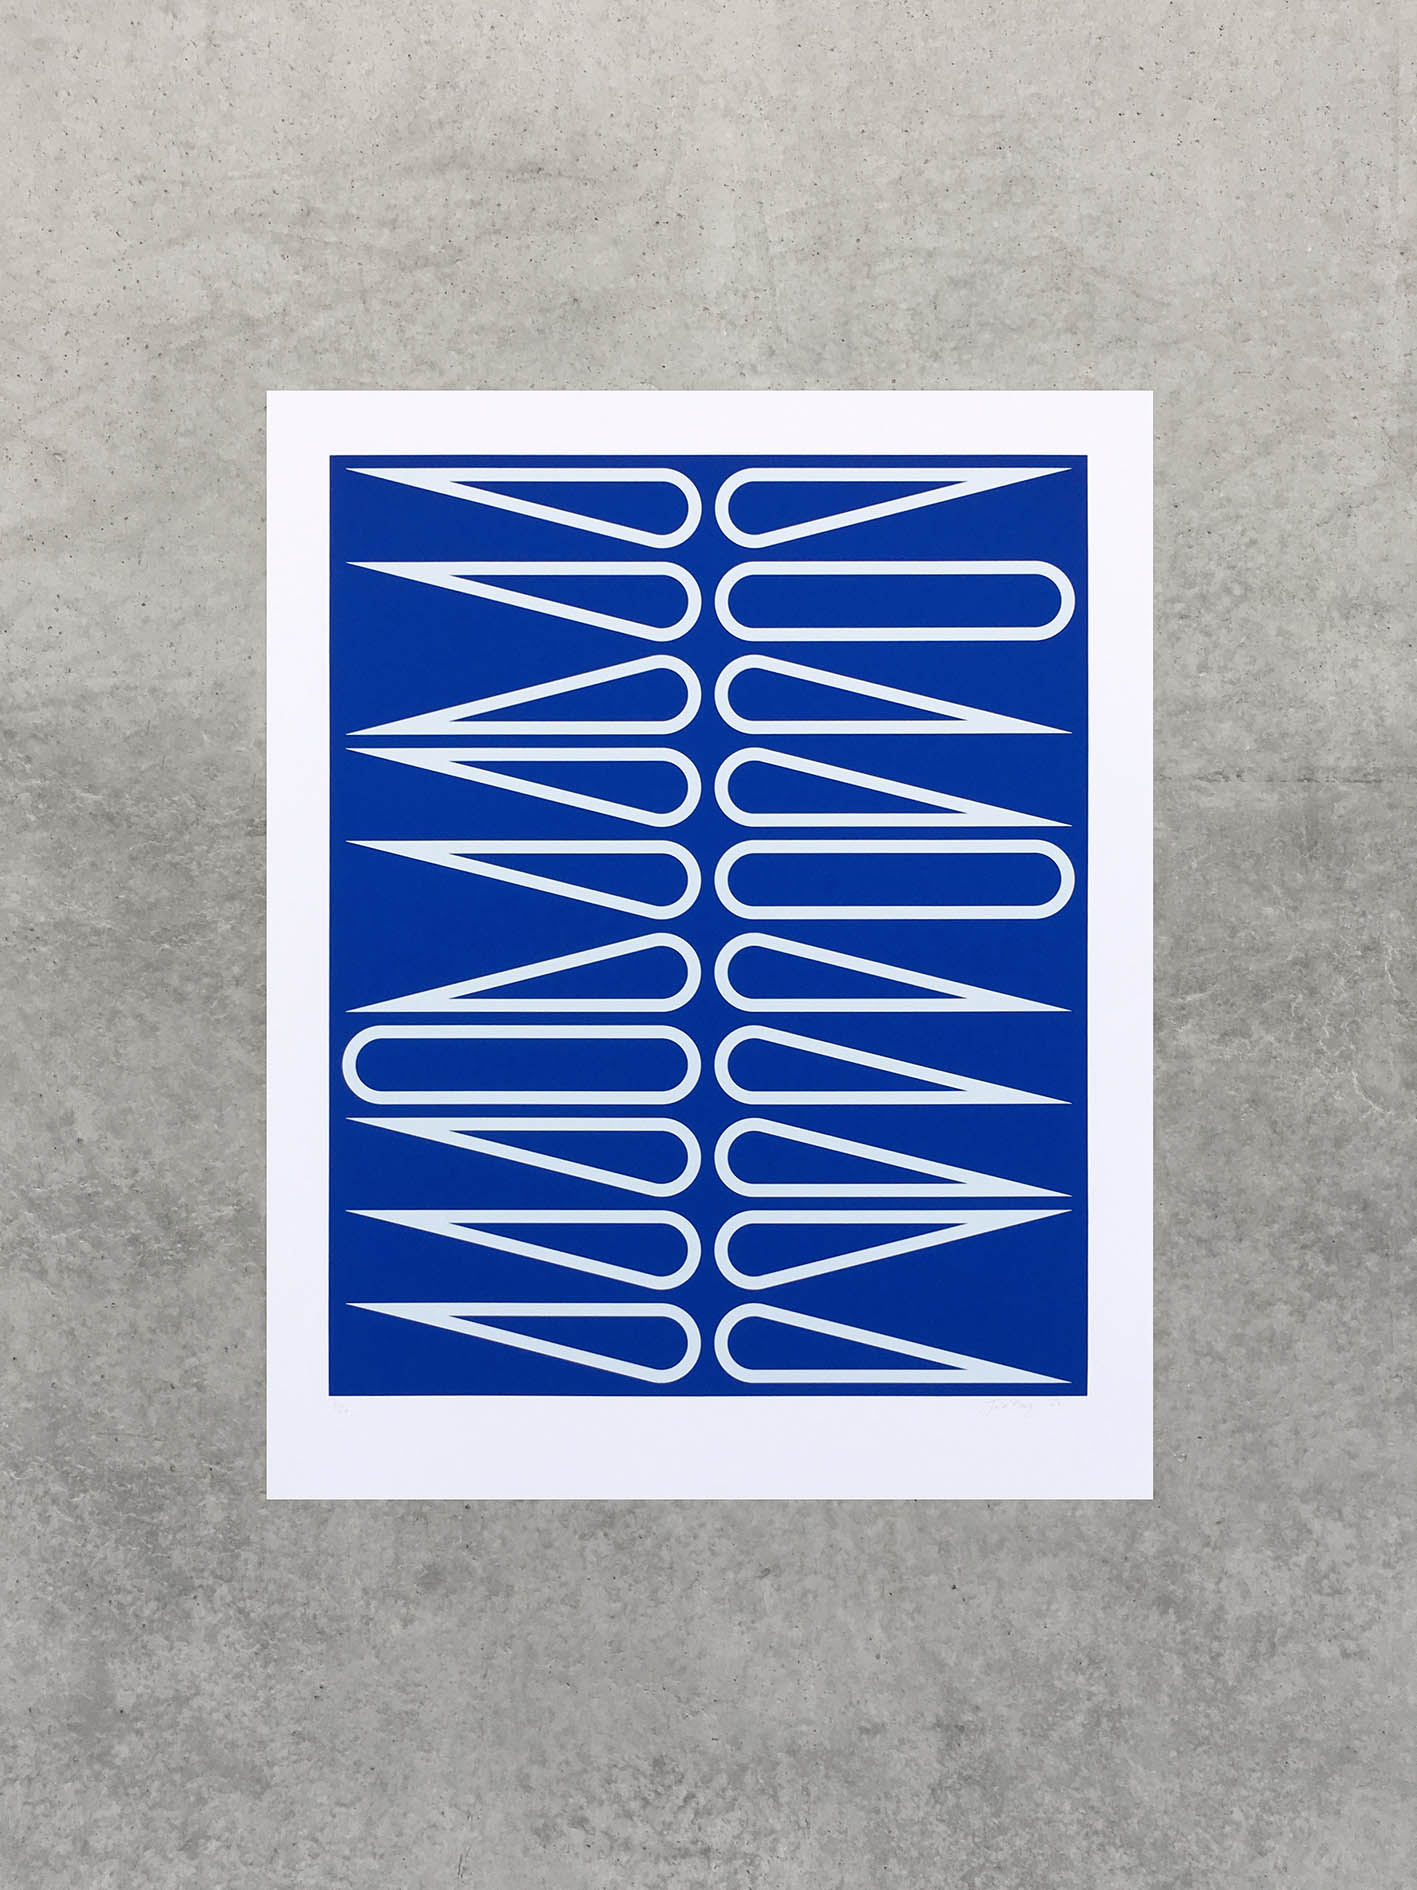 symetria Jan van der ploeg